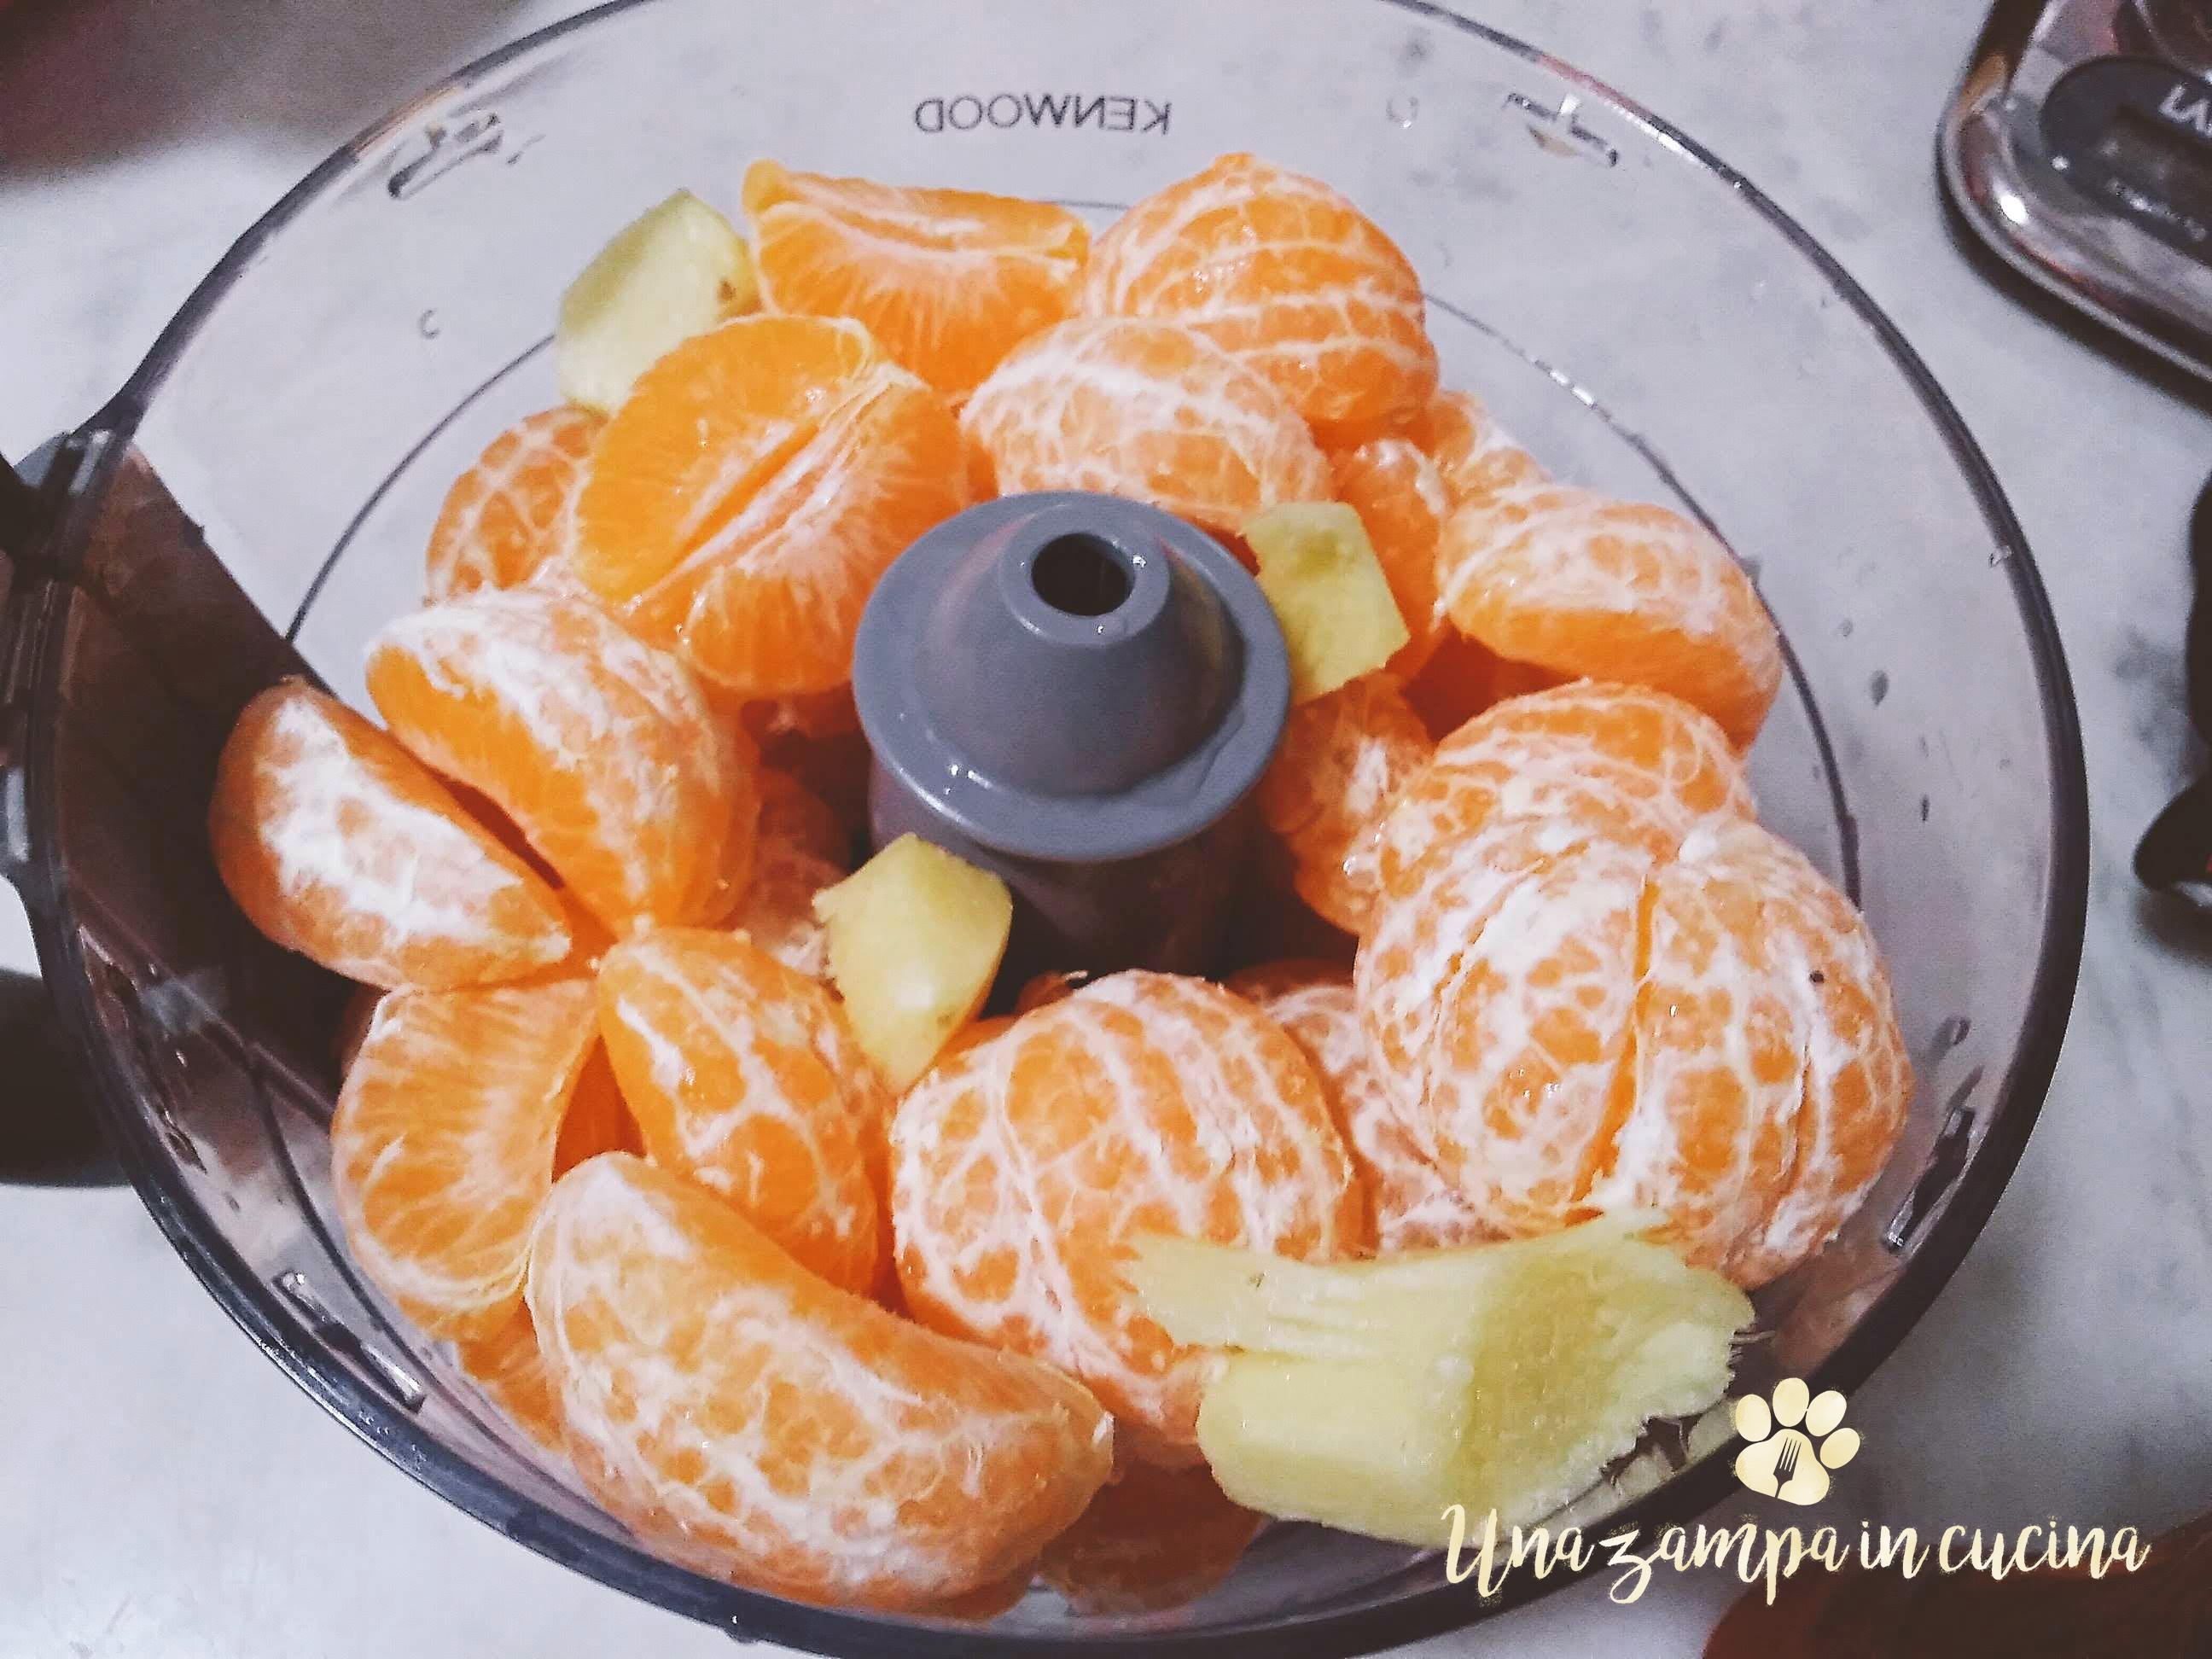 Marmellata senza zucchero fatta in casa al microonde: Una marmellata fit senza zucchero che cuoce in soli 20 minuti al microonde e non ha zuccheri :-)